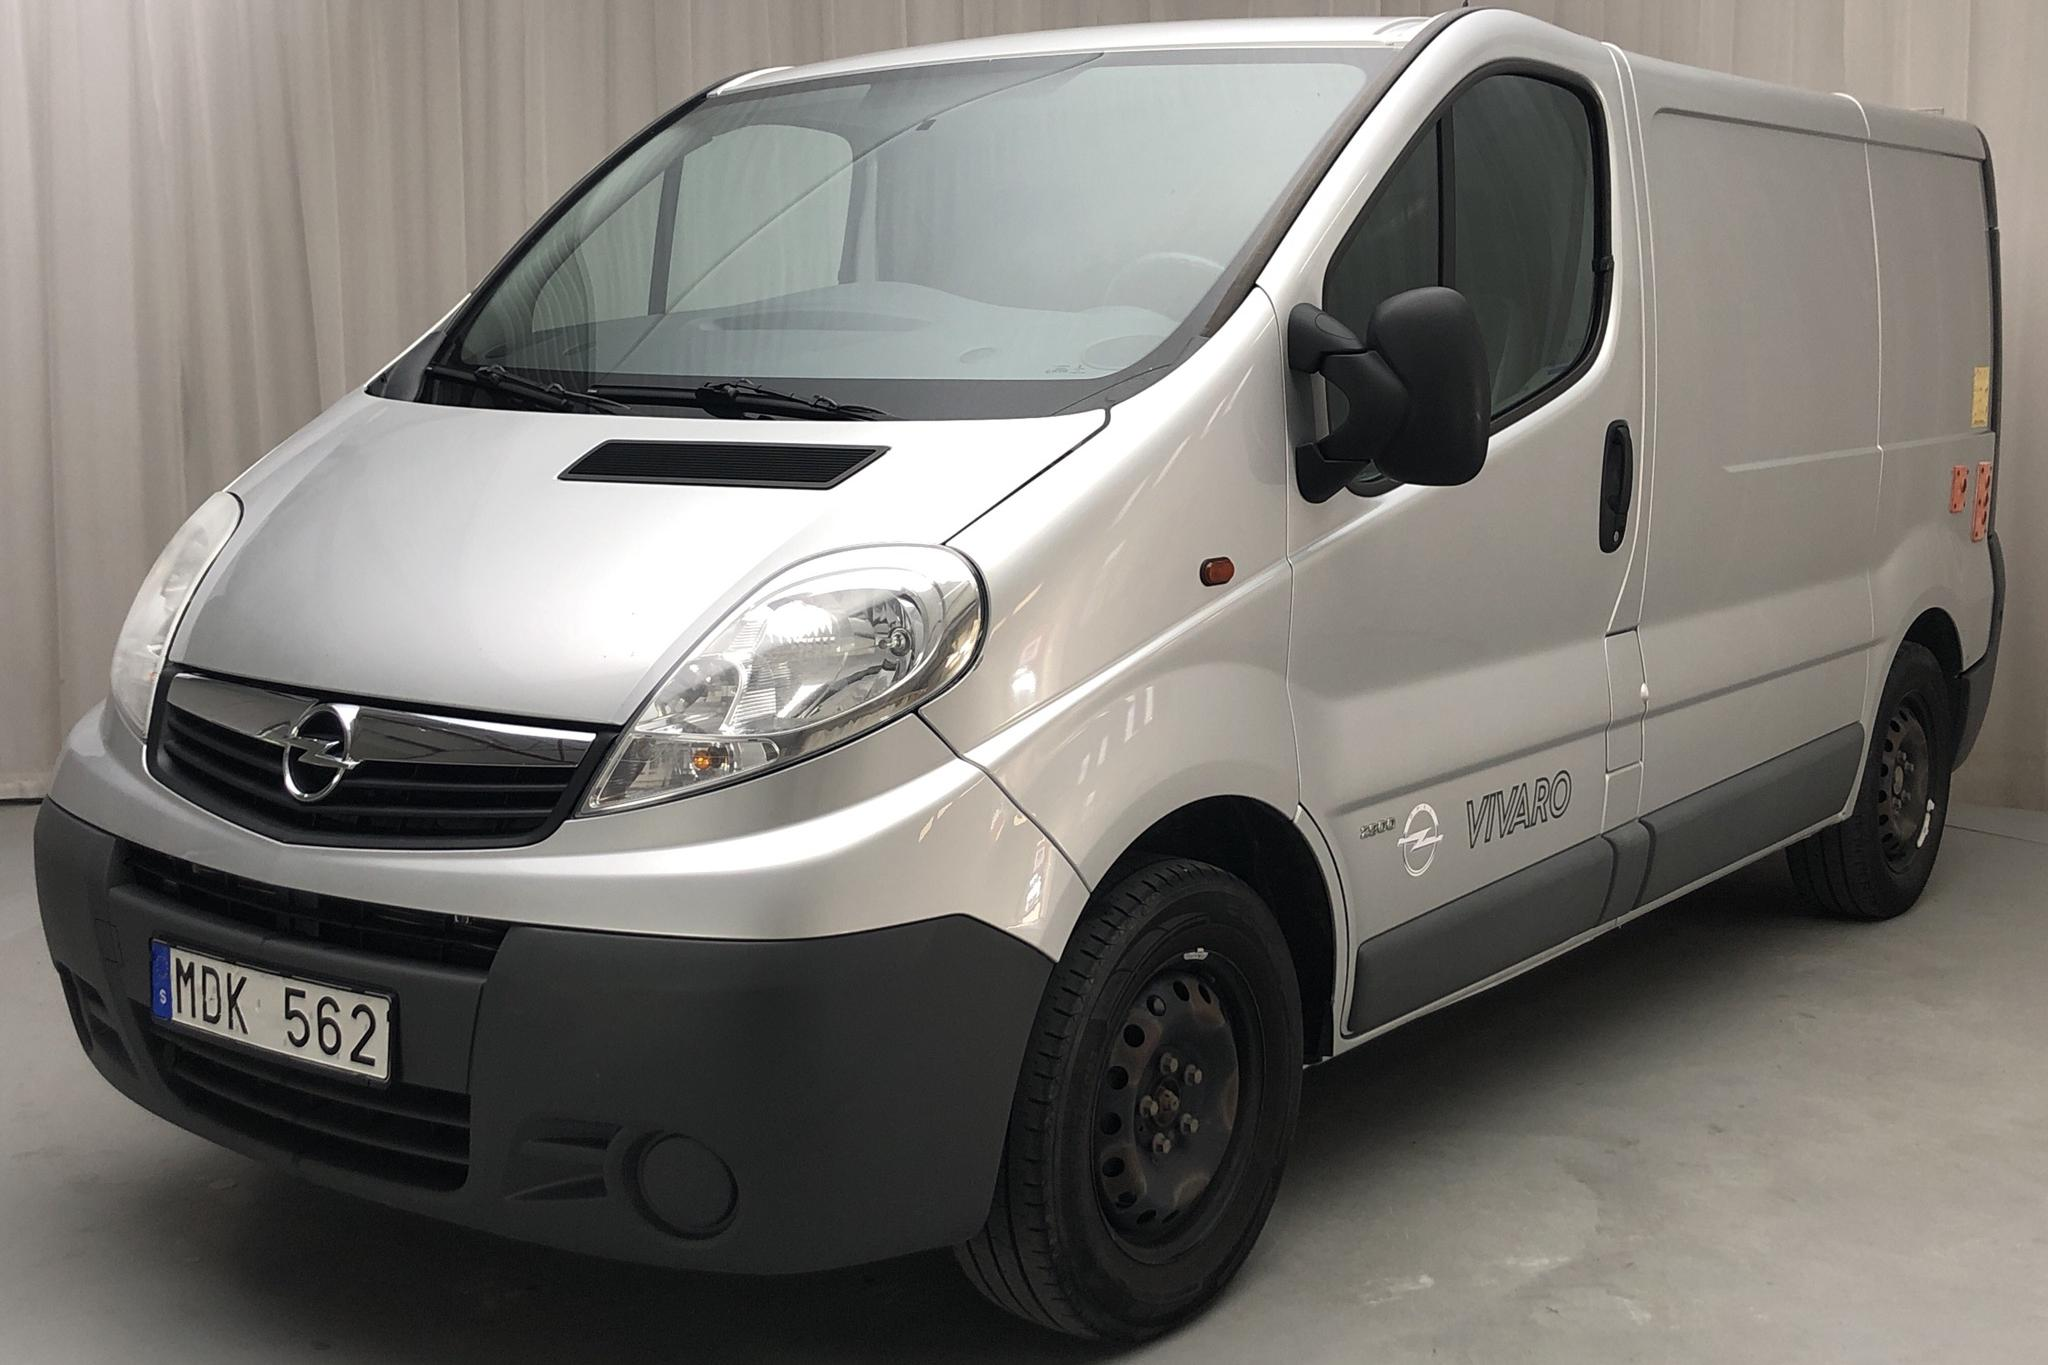 Opel Vivaro 2.0 CDTI (114hk) - 11 433 mil - Manuell - grå - 2012